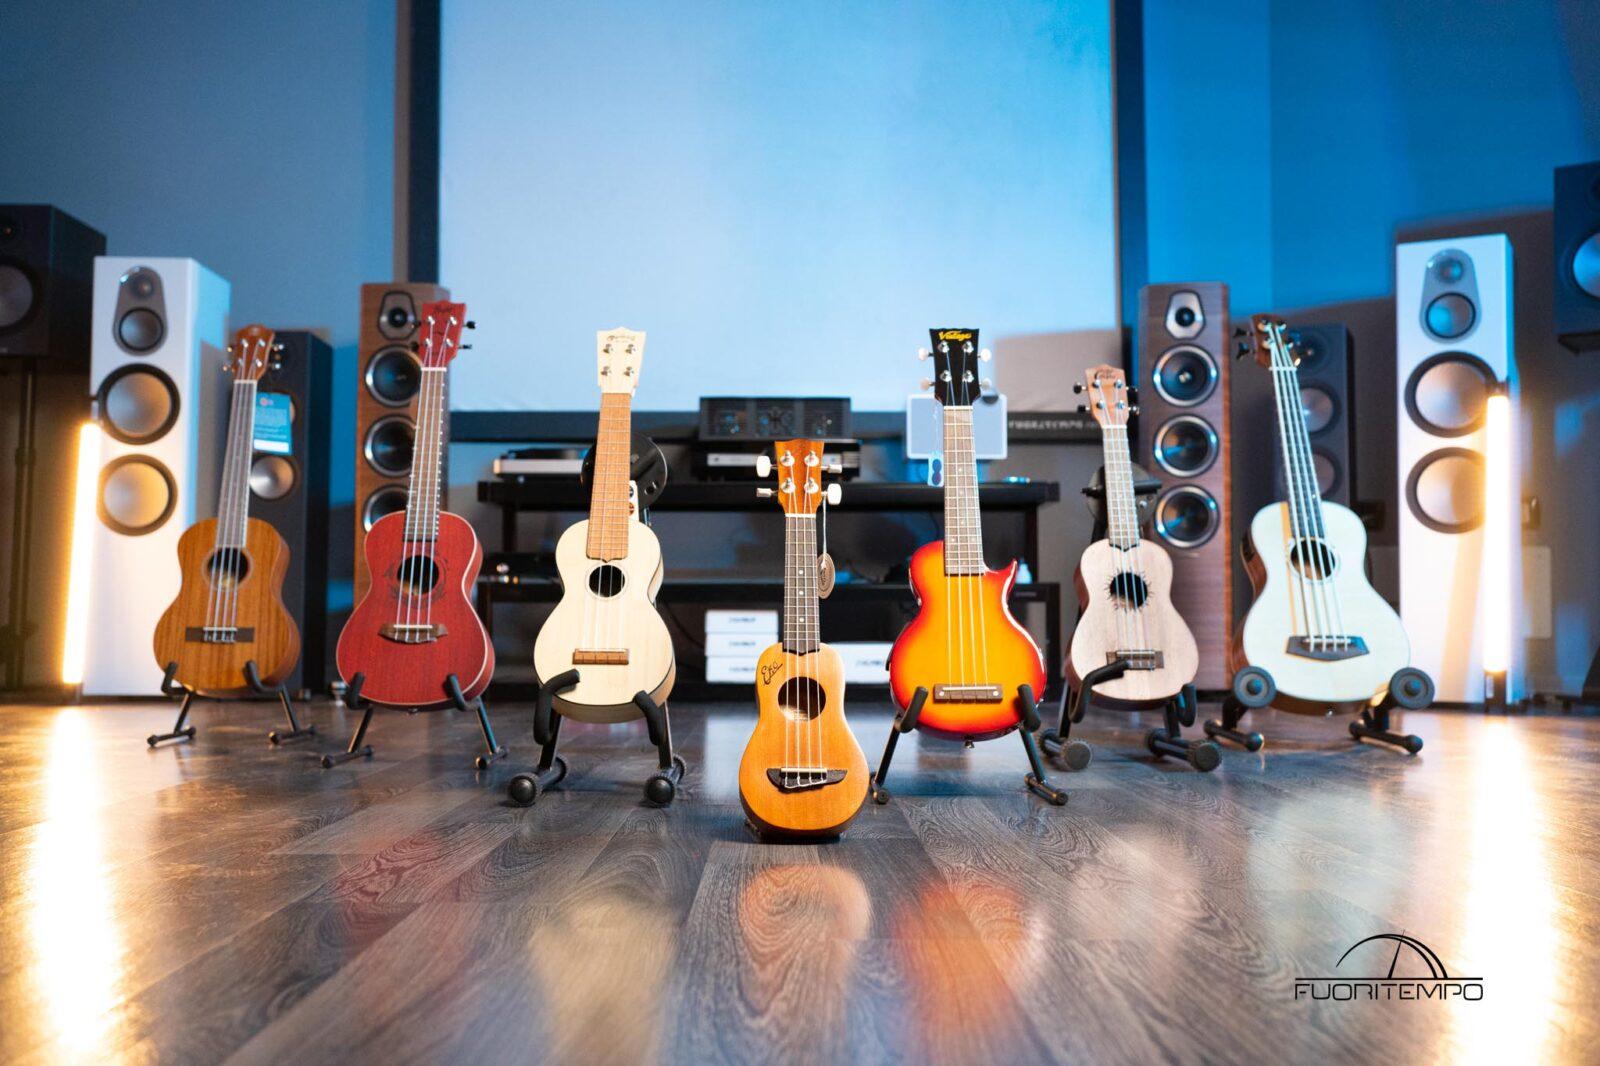 ukulele-sfondo-azzurro